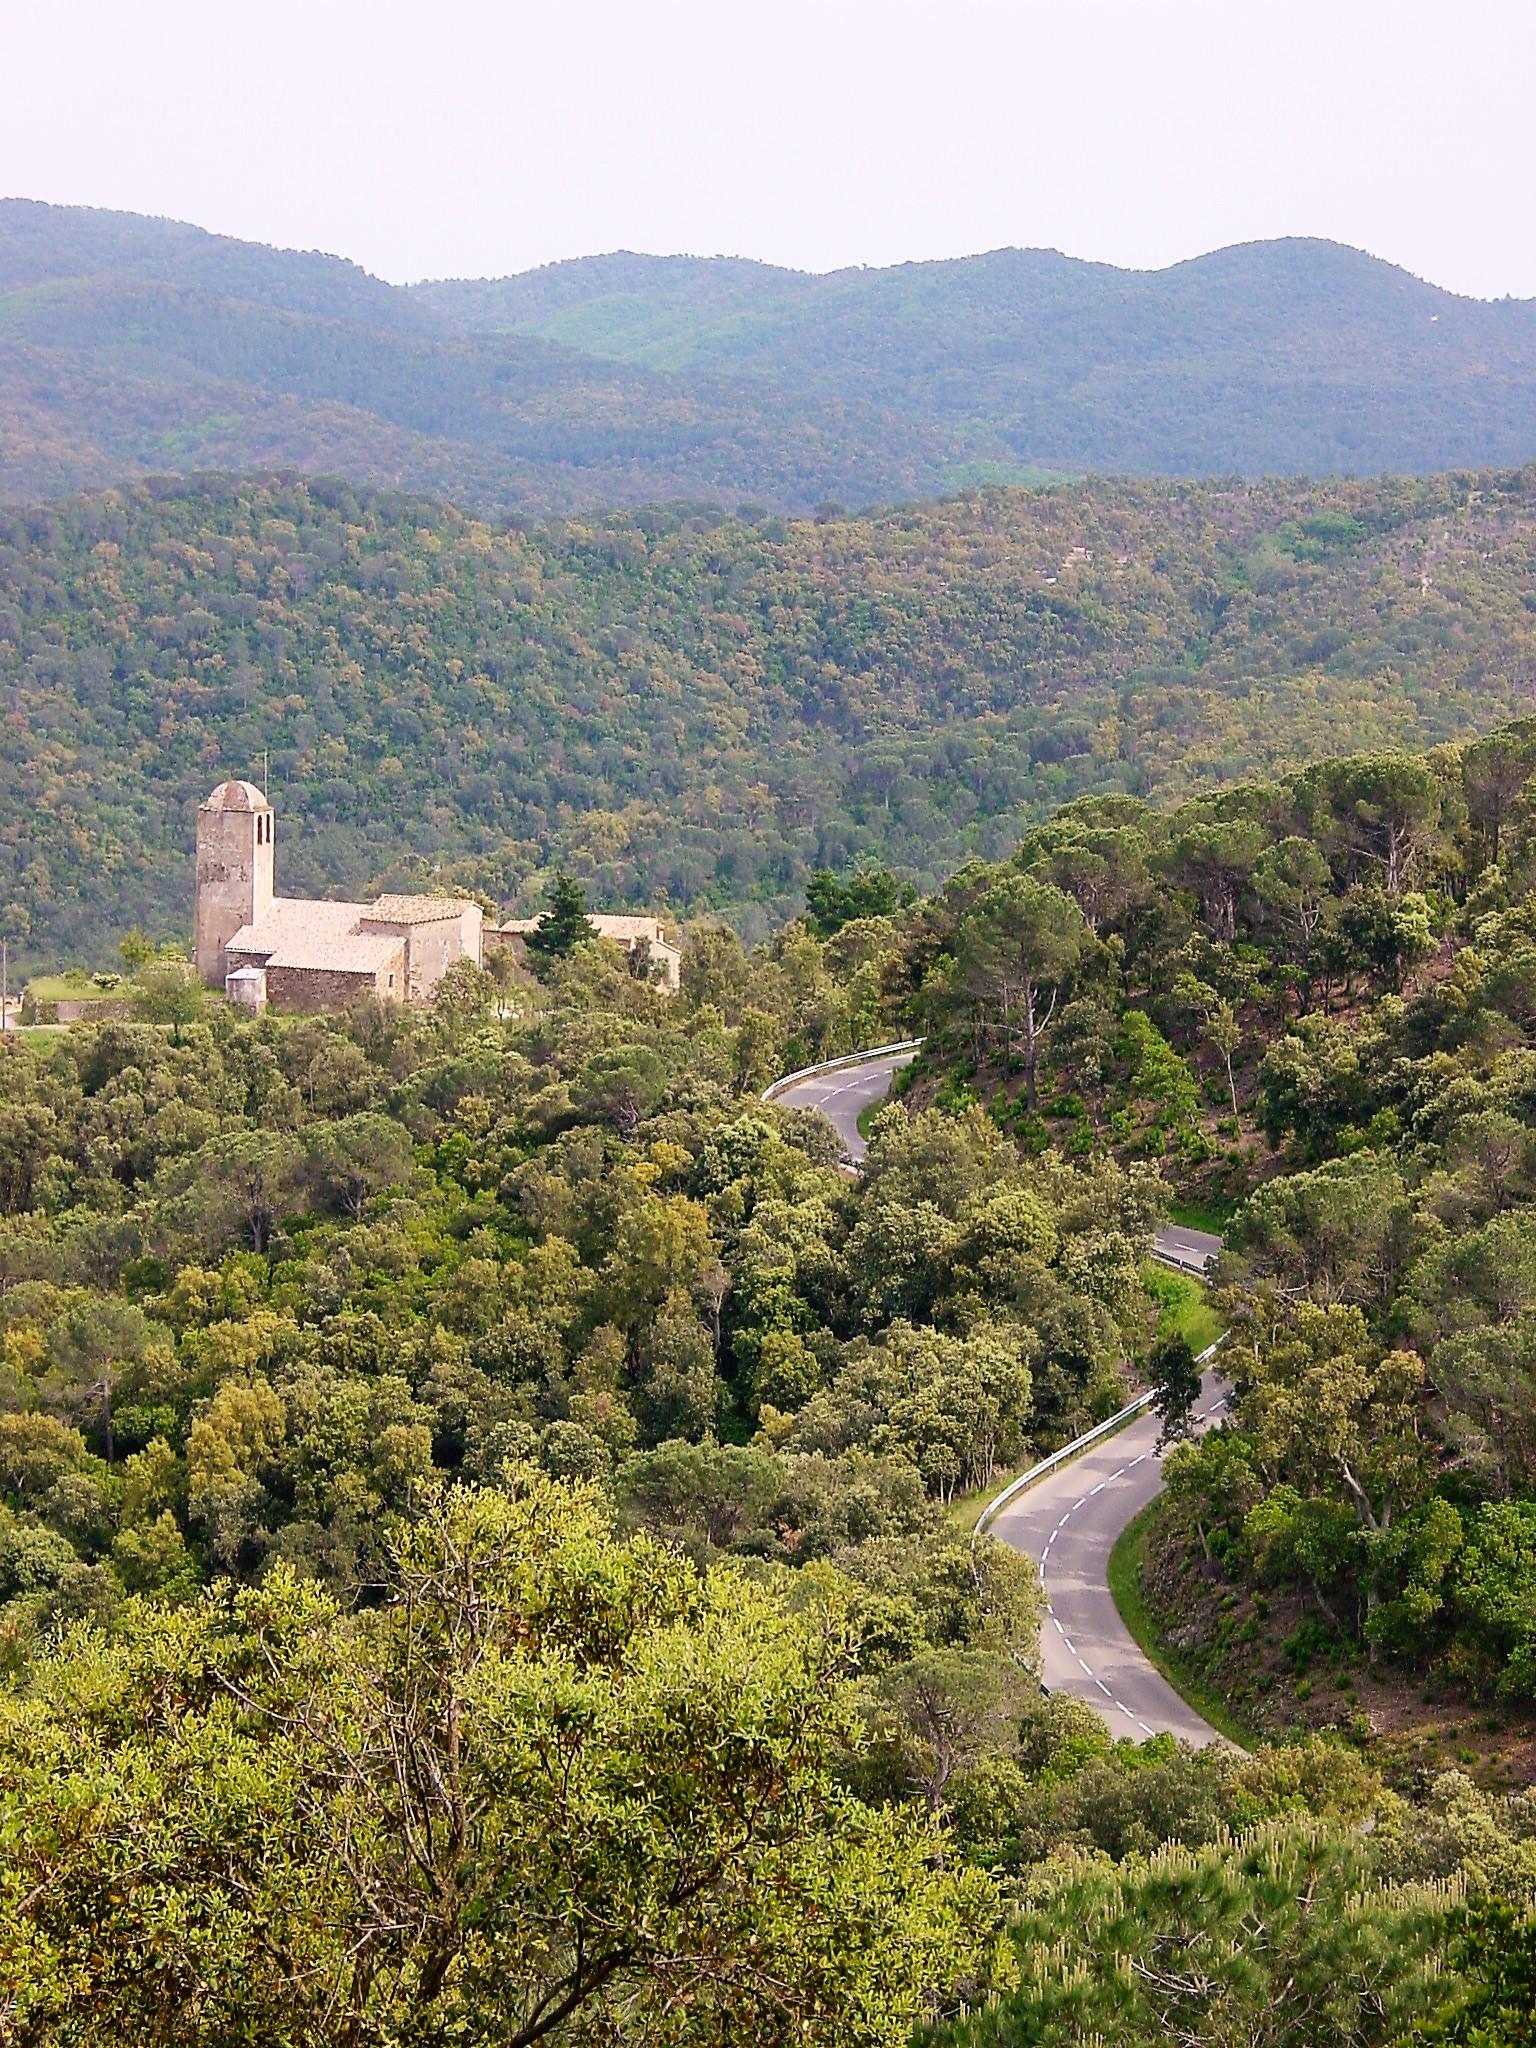 Santa Pellaia (Cruïlles)